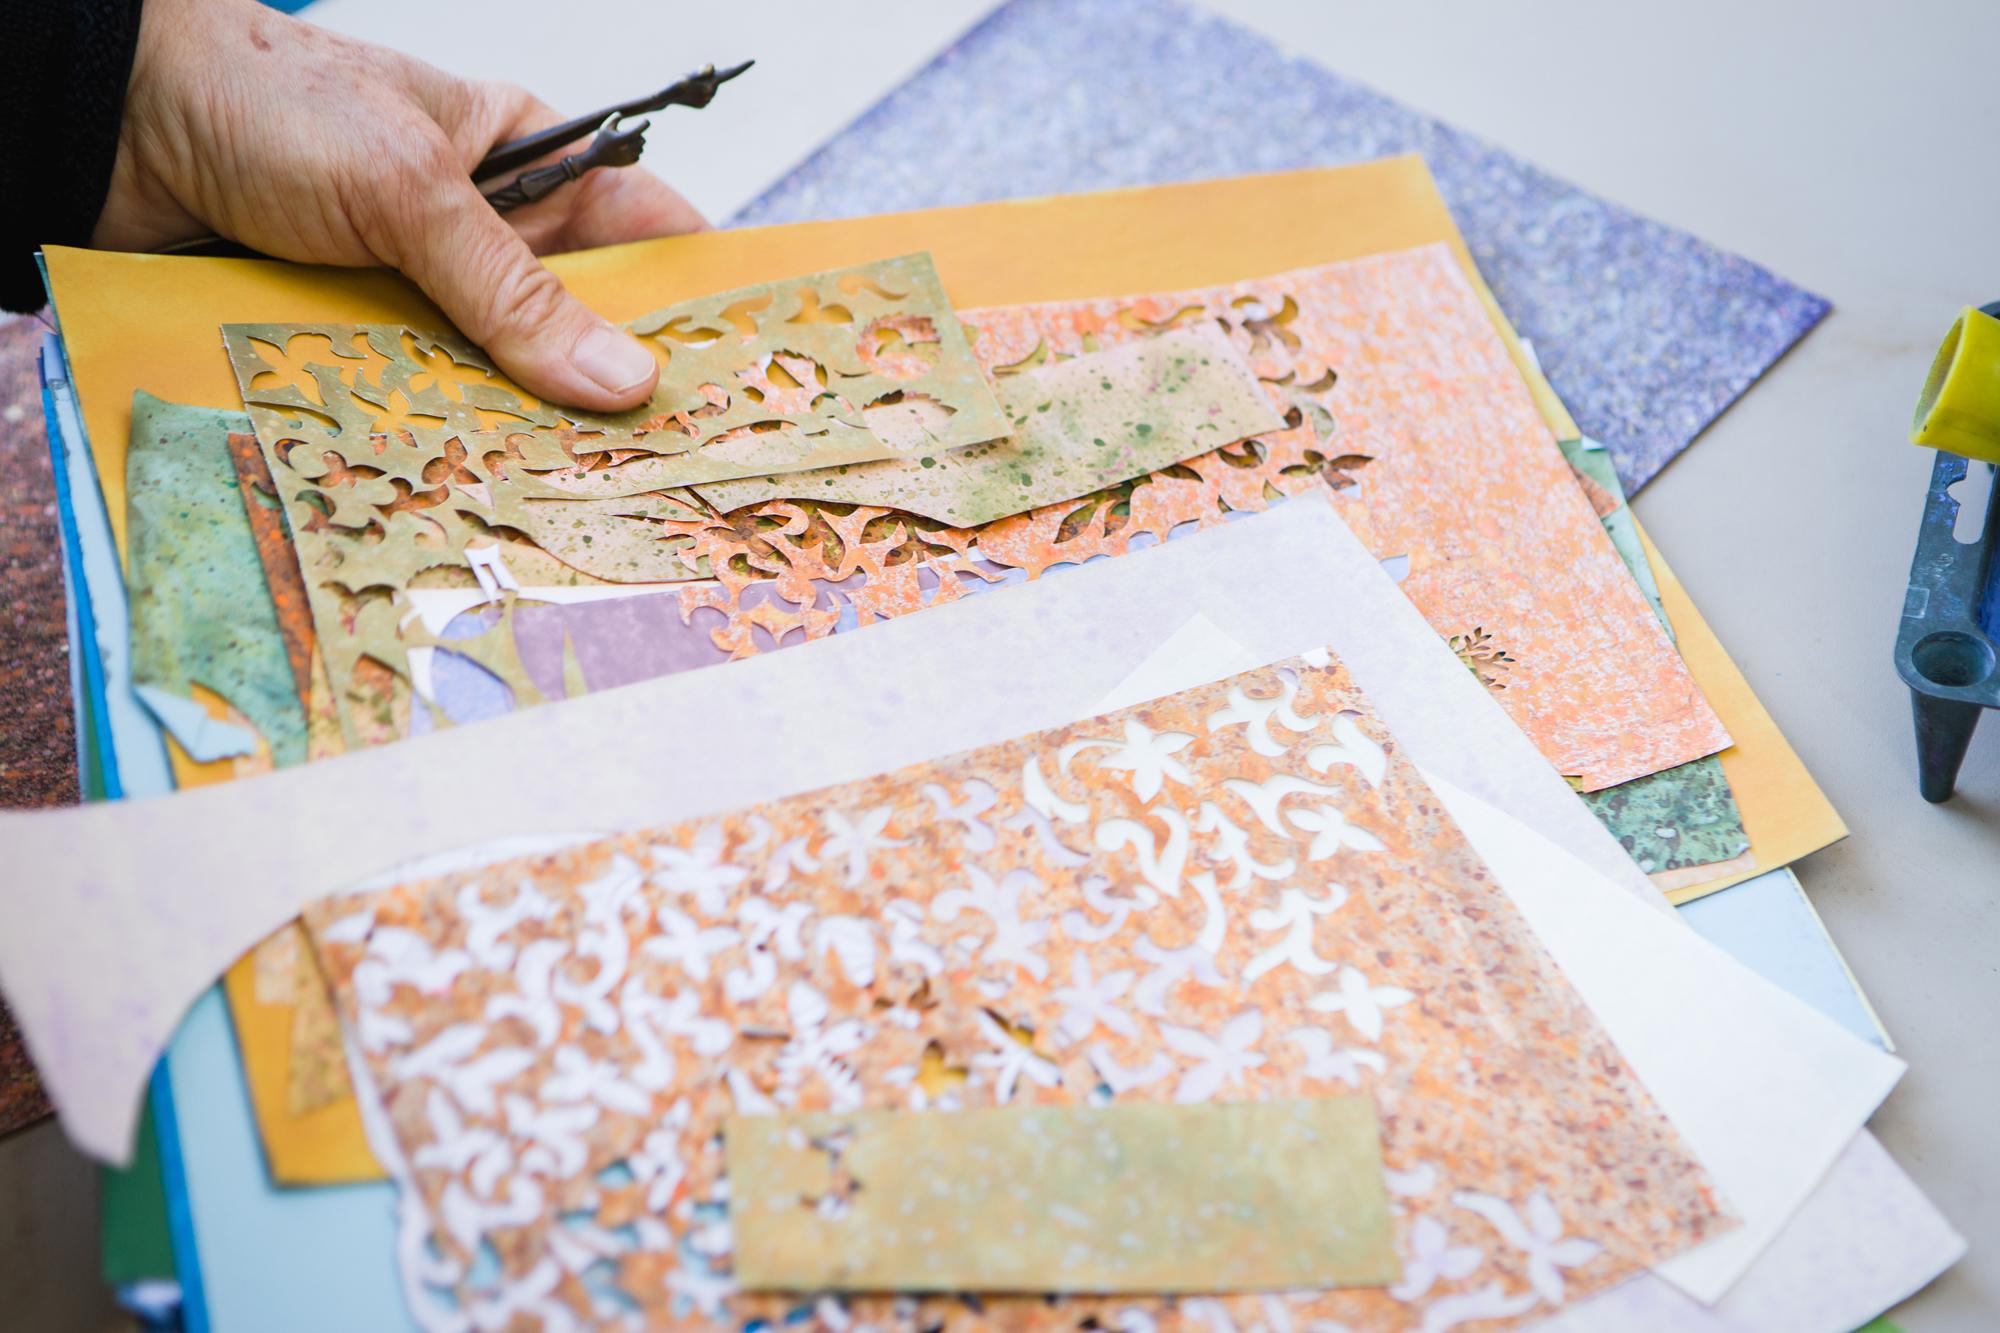 Kolorowe papiery i ścinki.